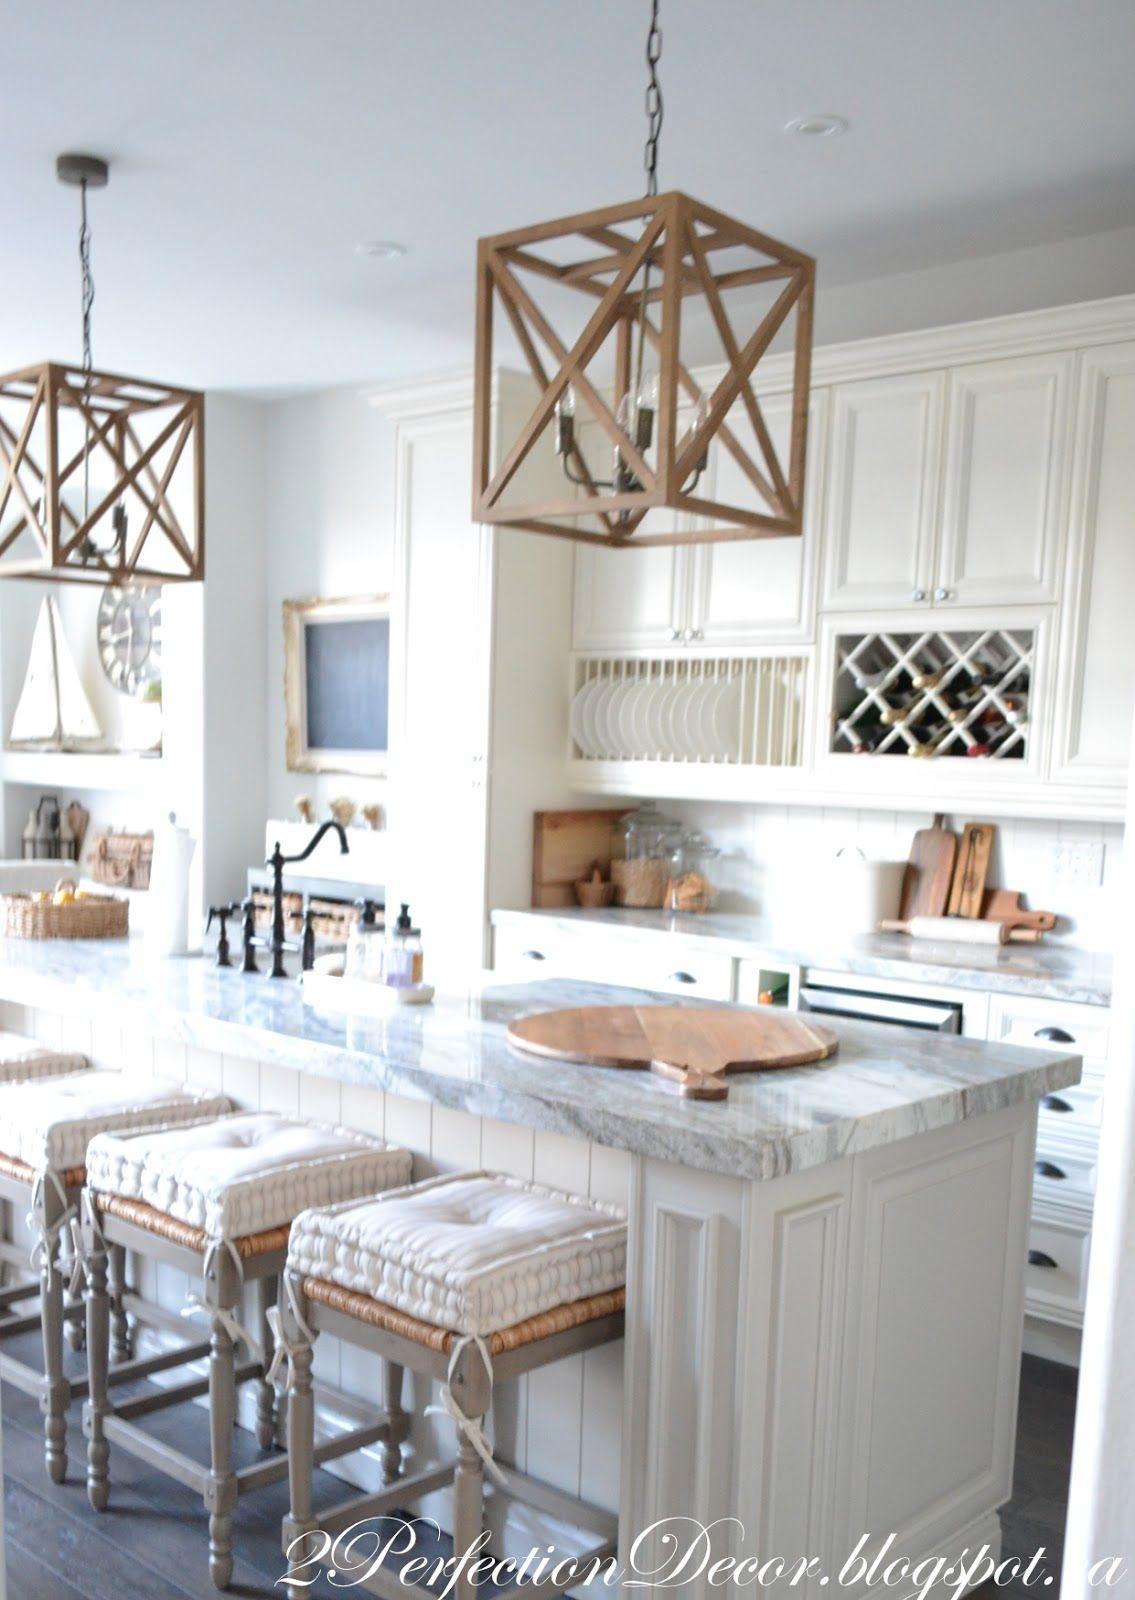 Beleuchtung ideen über kücheninsel perfection decor kitchen reveal  kitchens  pinterest  haus